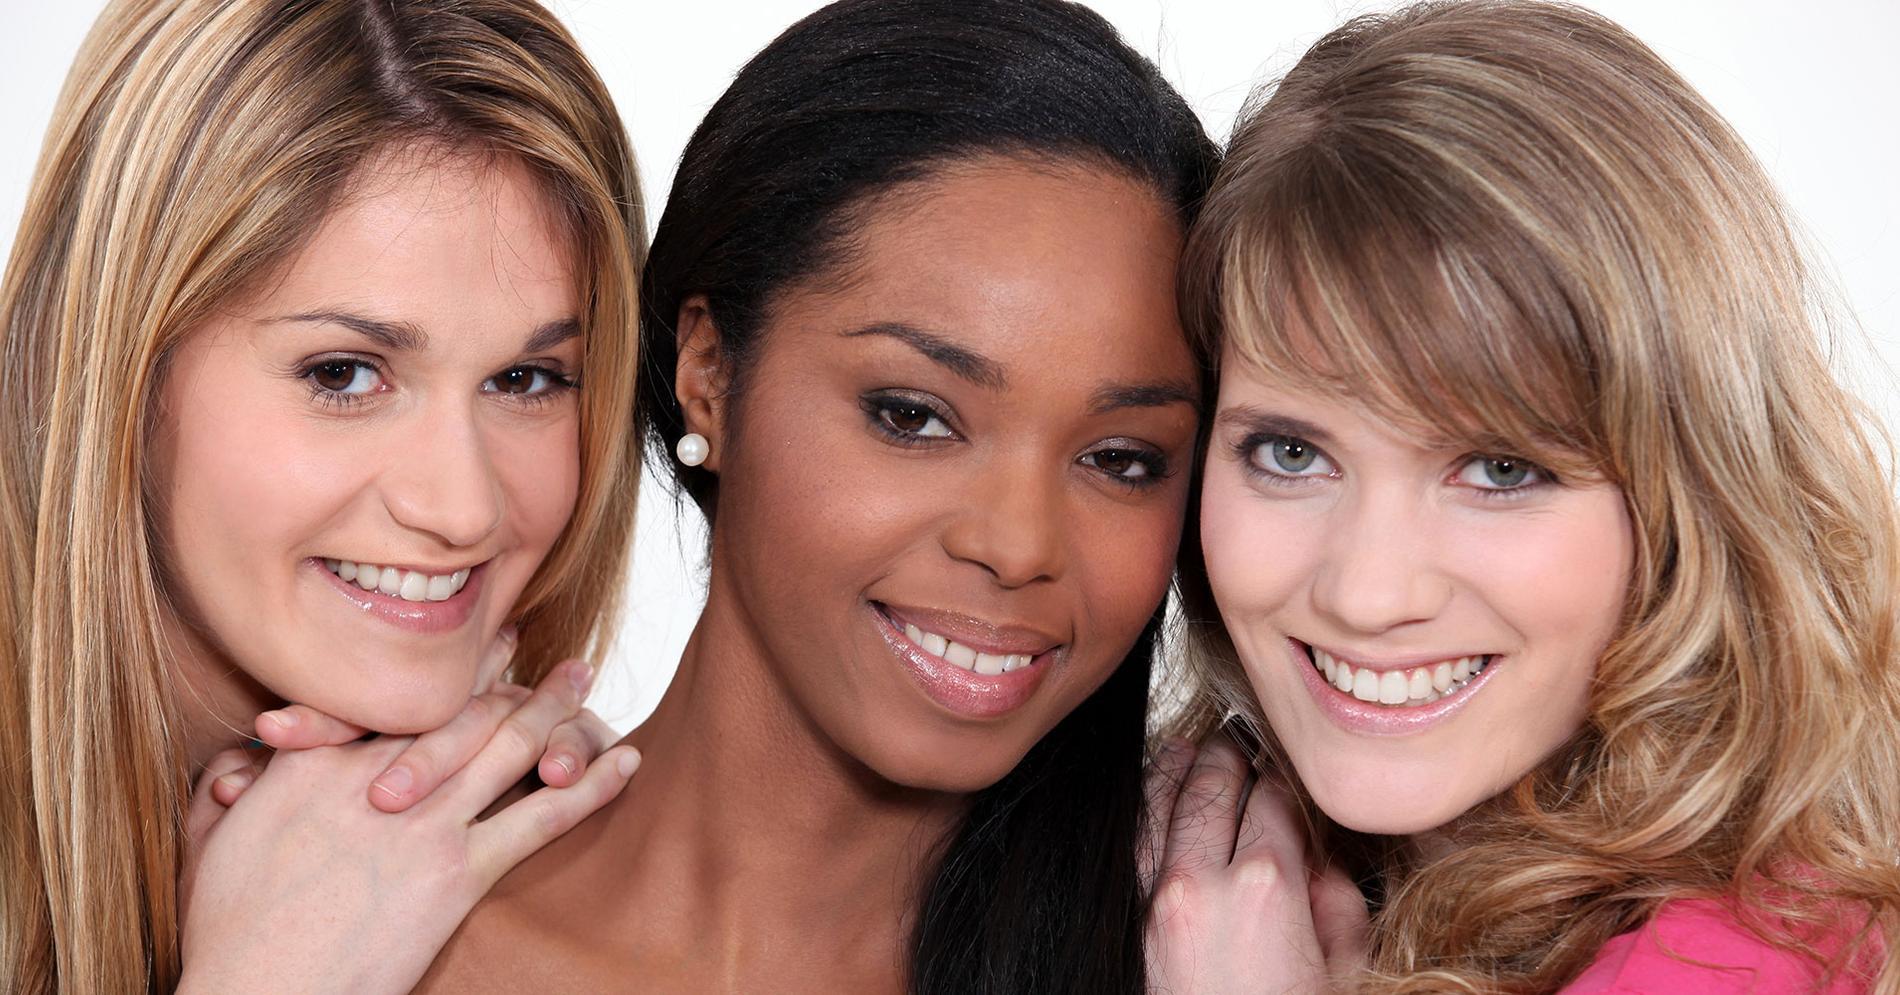 HÅRTYPER. Få styrsel på håret en gång för alla genom att ta reda på vilken hårtyp du är. Experten guidar dig till bästa tipsen beroende på vilken kategori du tillhör.